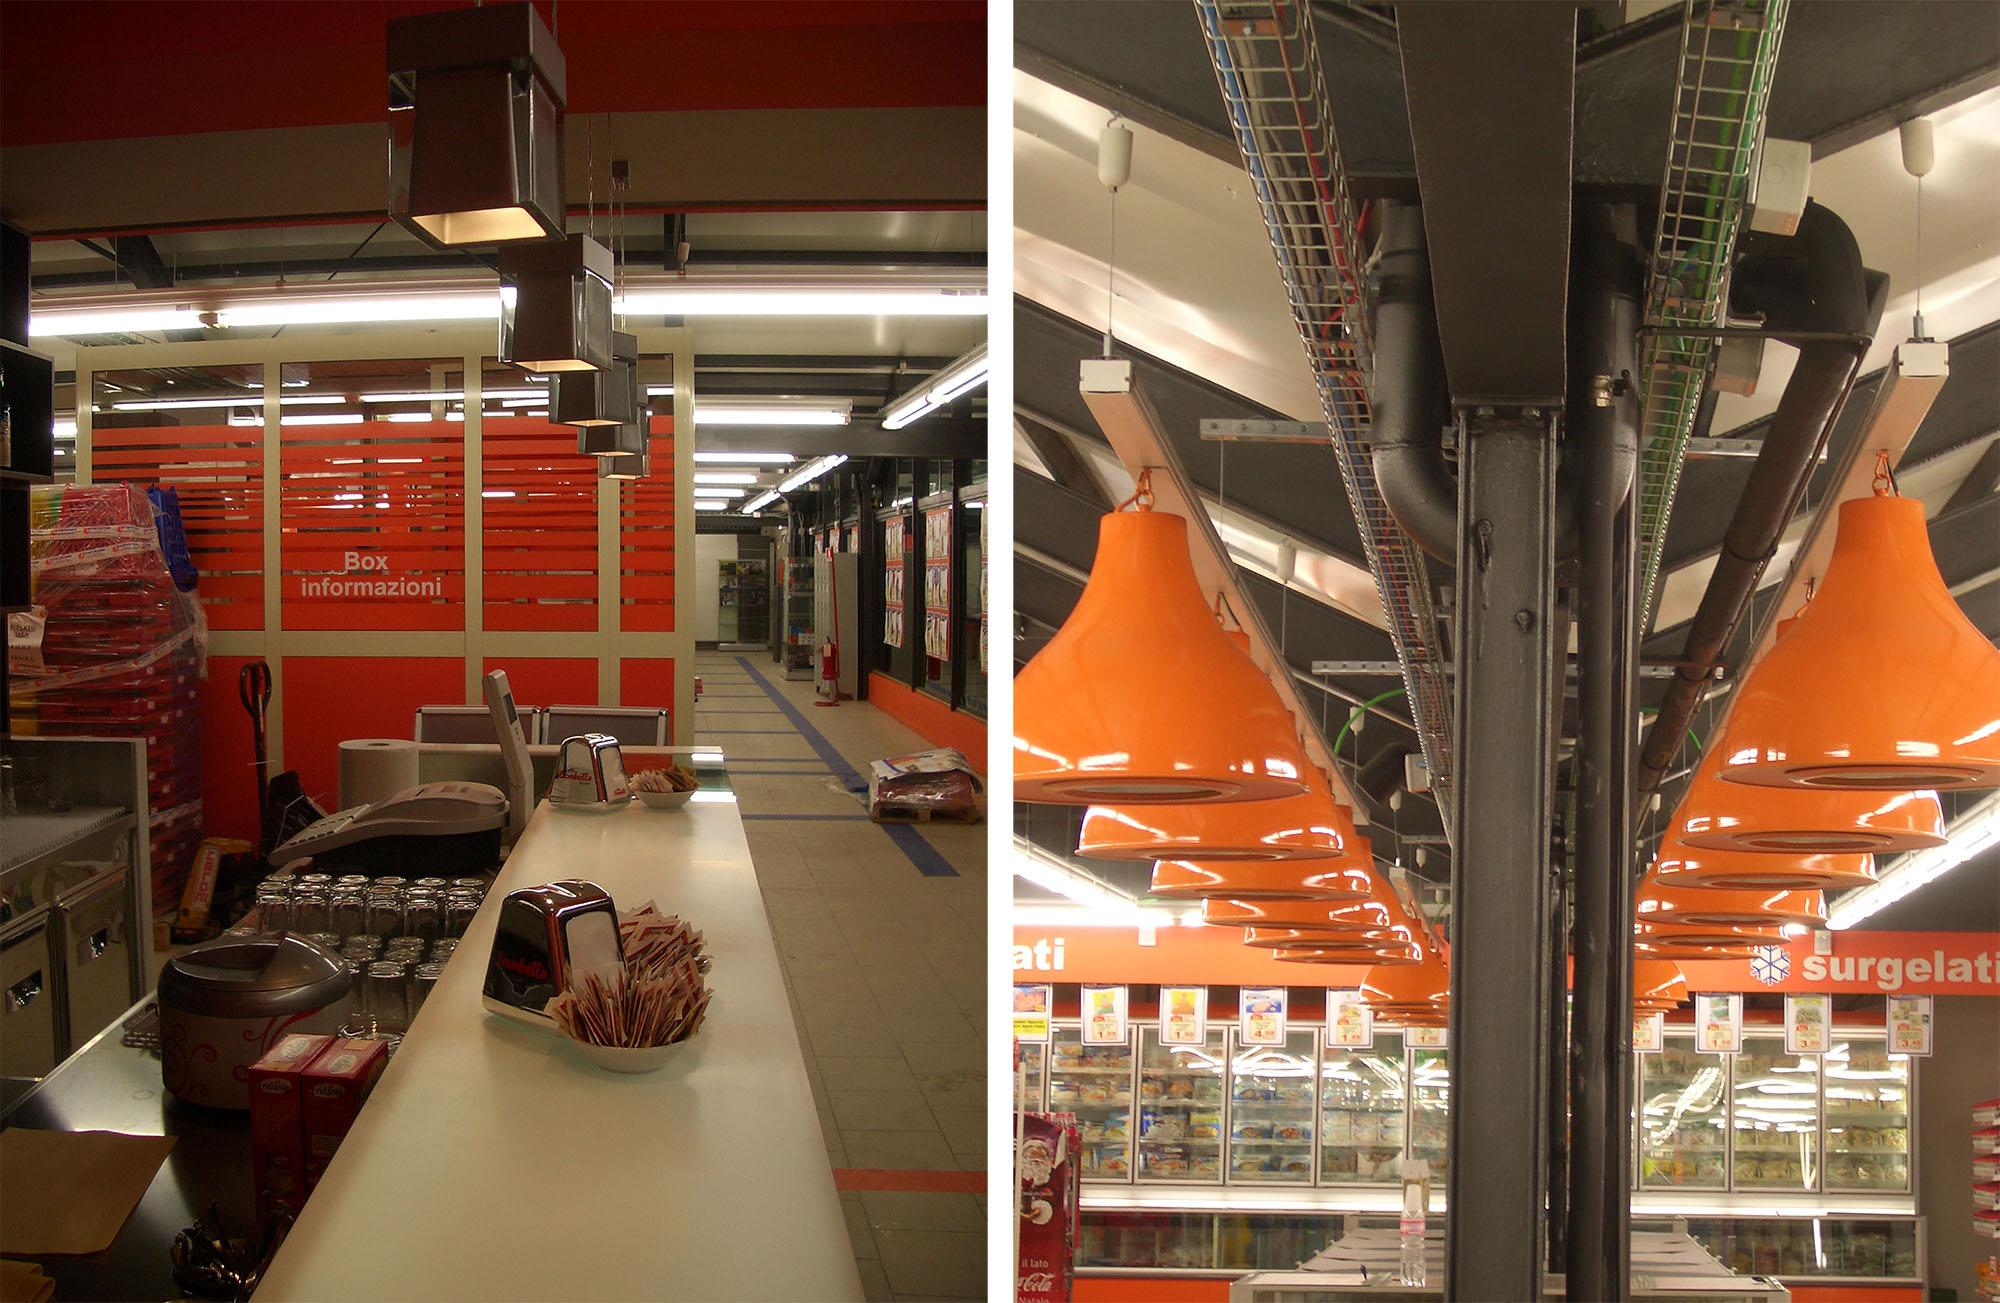 Punti ristoro e tabacchi CTS supermercato, Via Cassia | TStudio ...